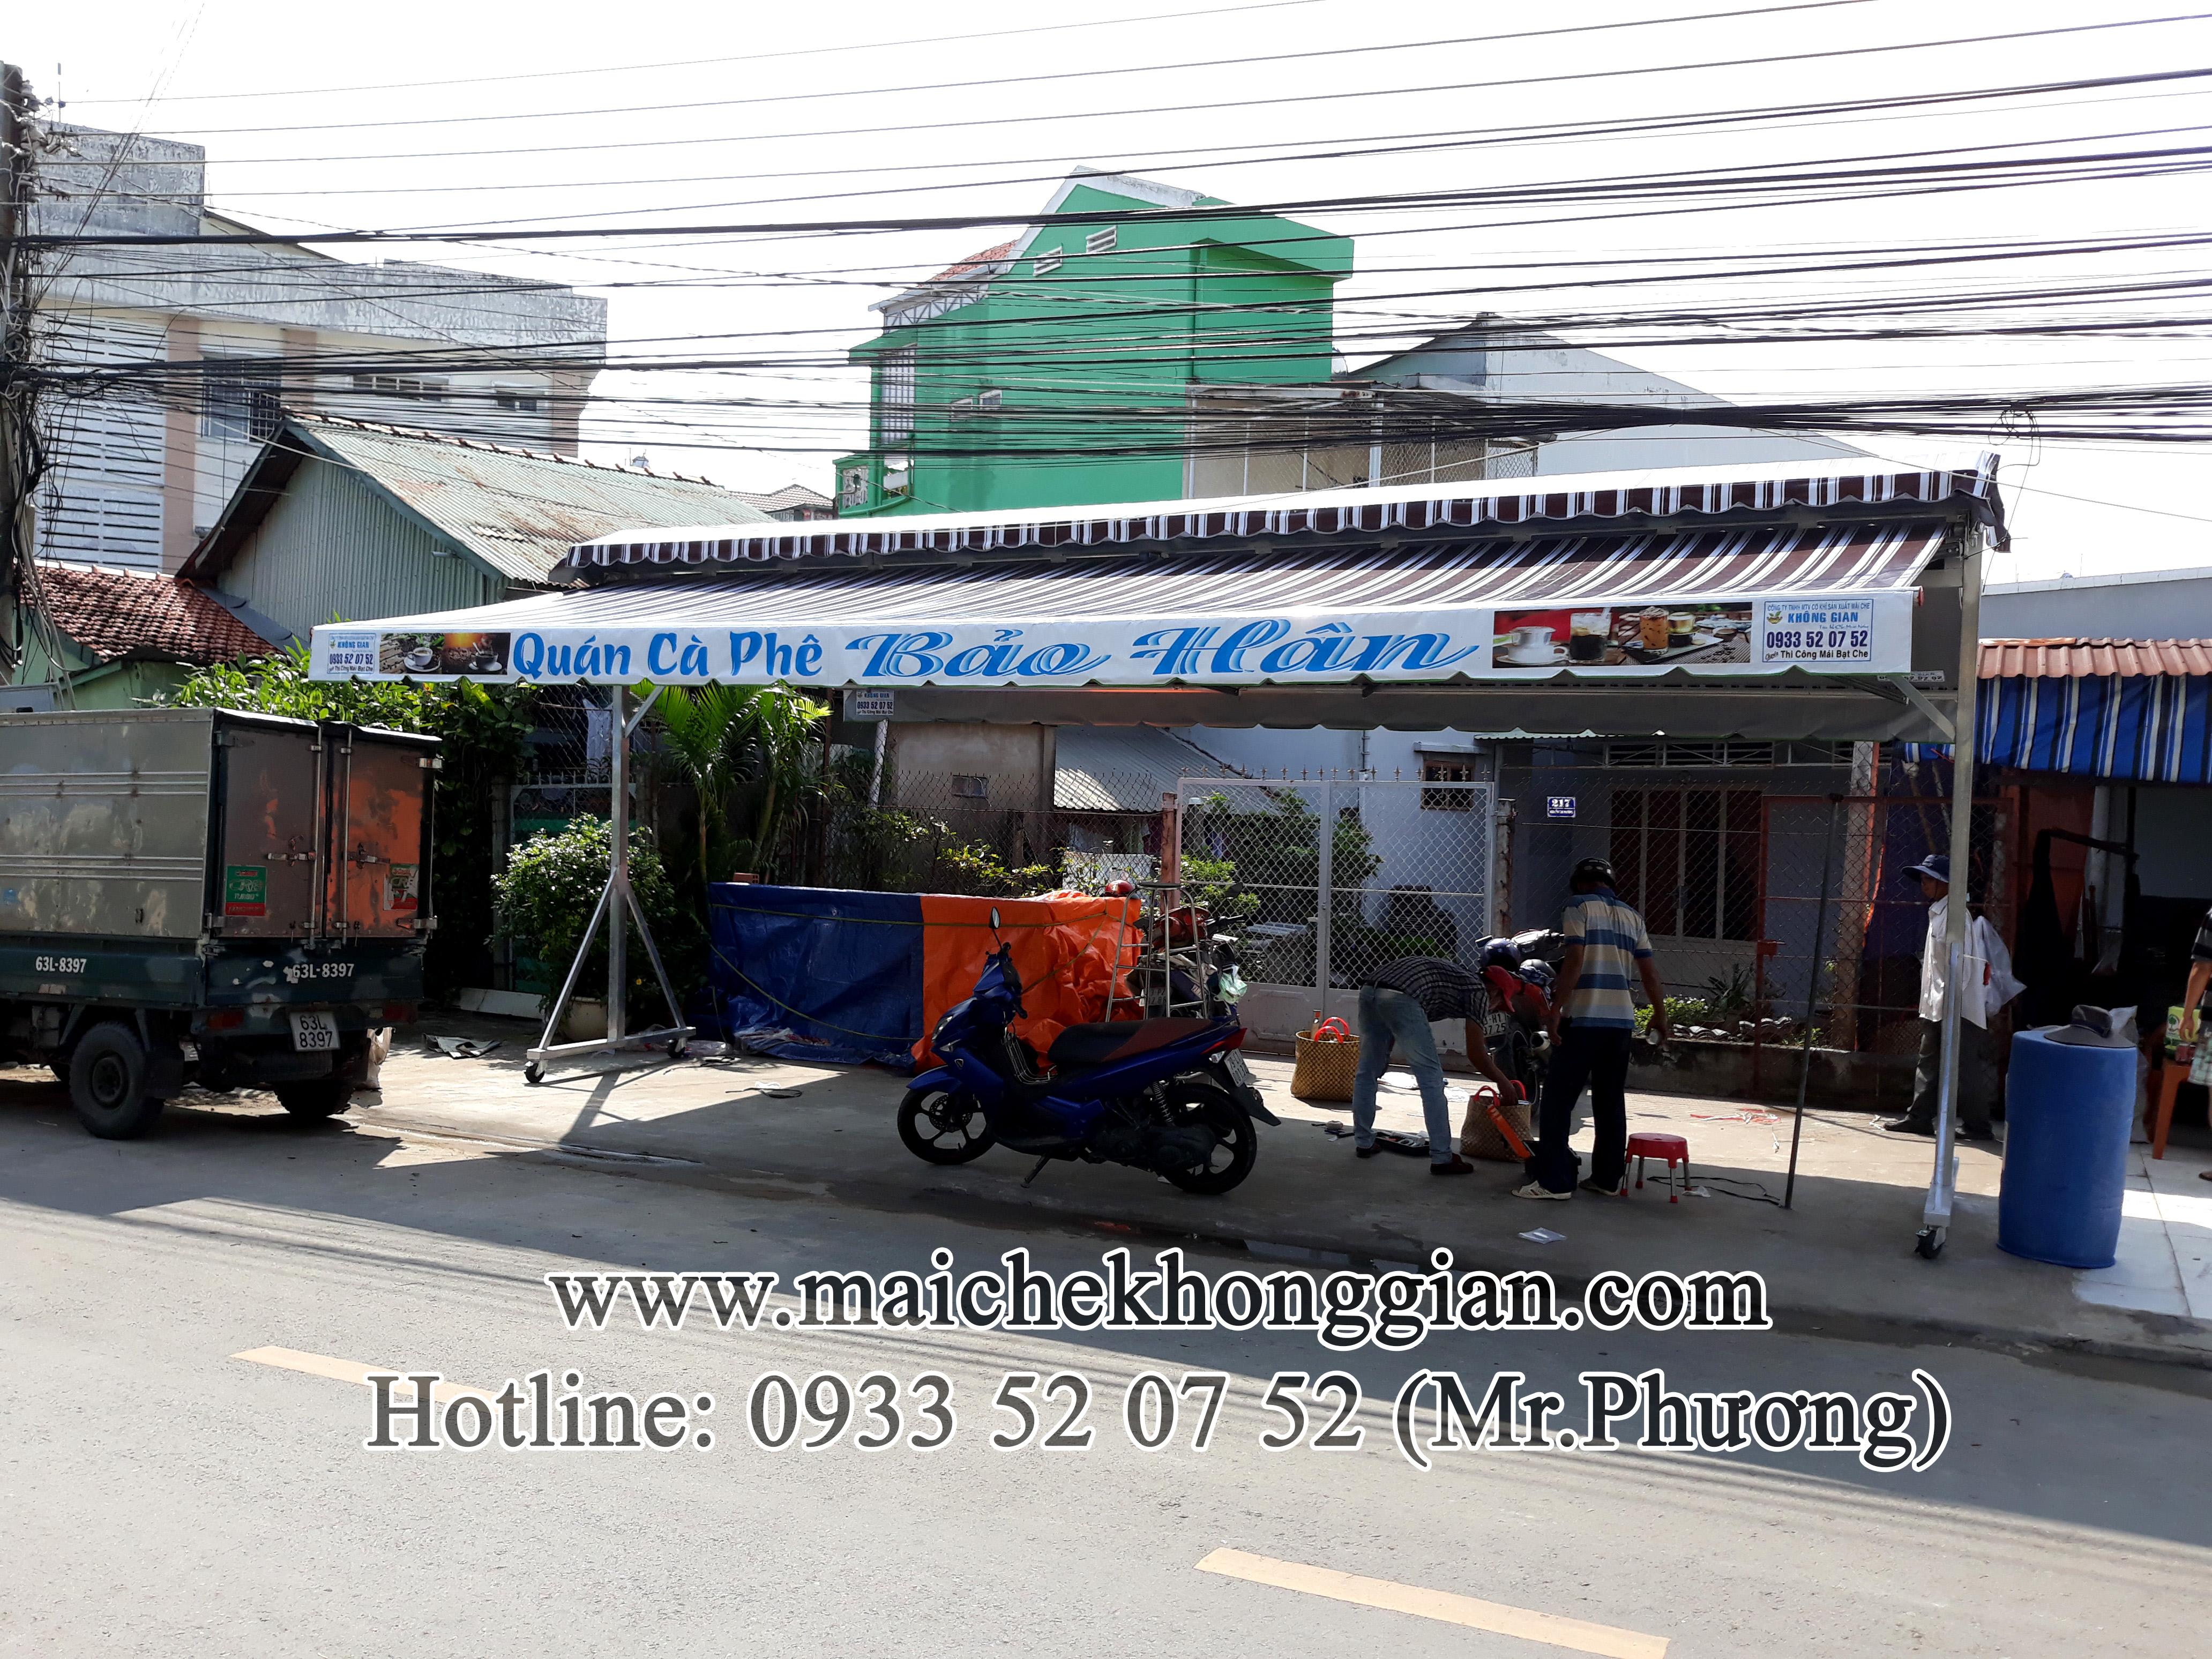 Mái Che Lưu Động Tân Phú Đông Tiền Giang